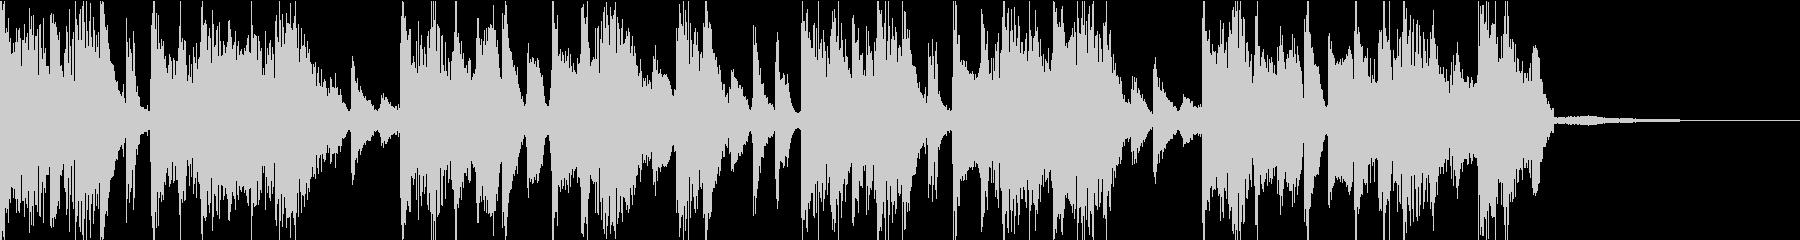 電子系なファンク感溢れるバンドジングルの未再生の波形